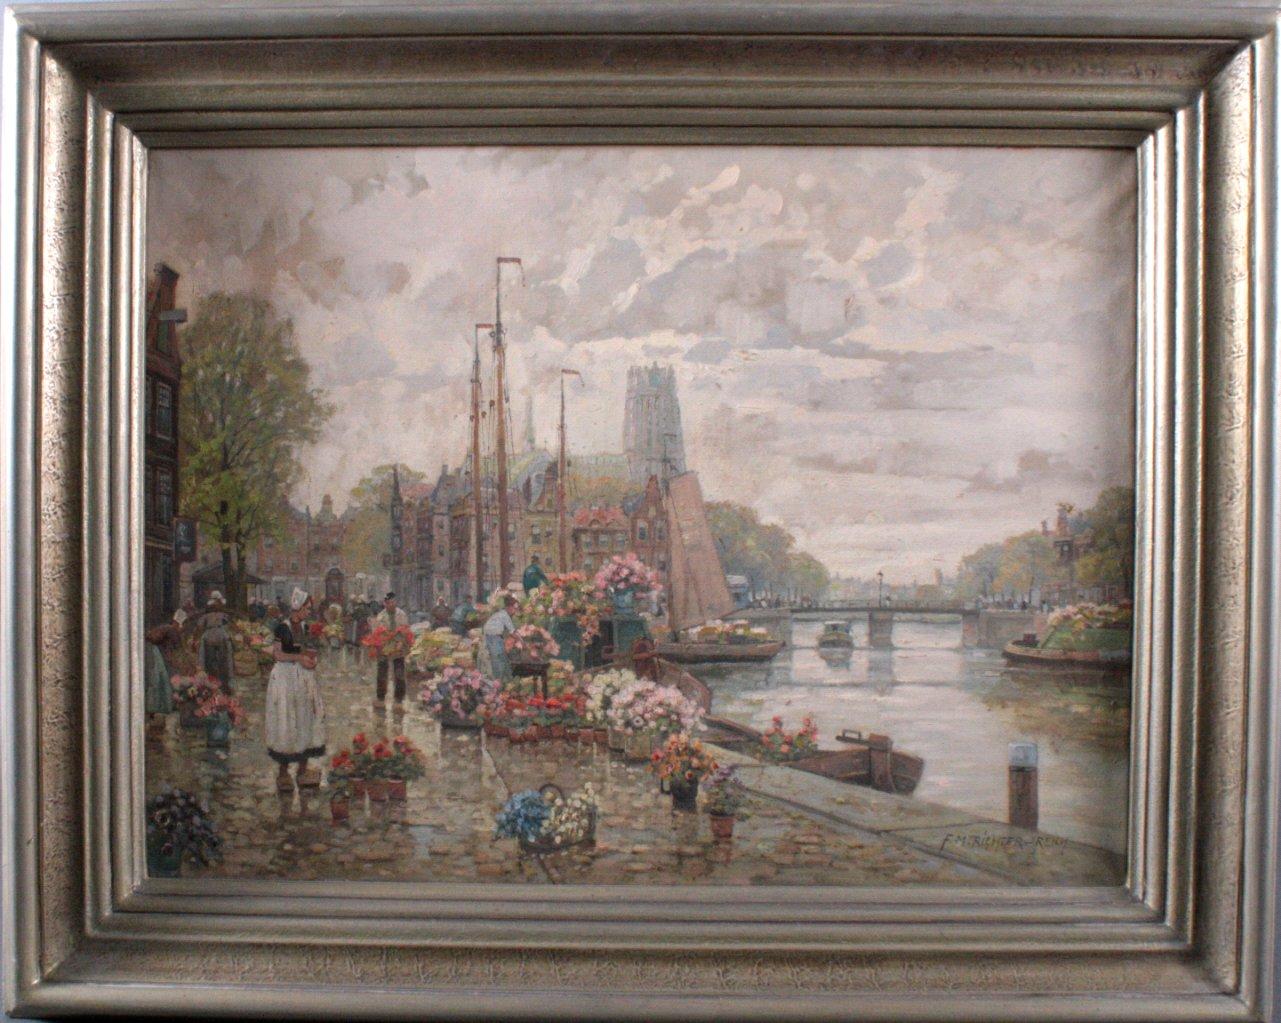 F. Max Richter-Reich 1896-1950. Holländischer Blumenmarkt